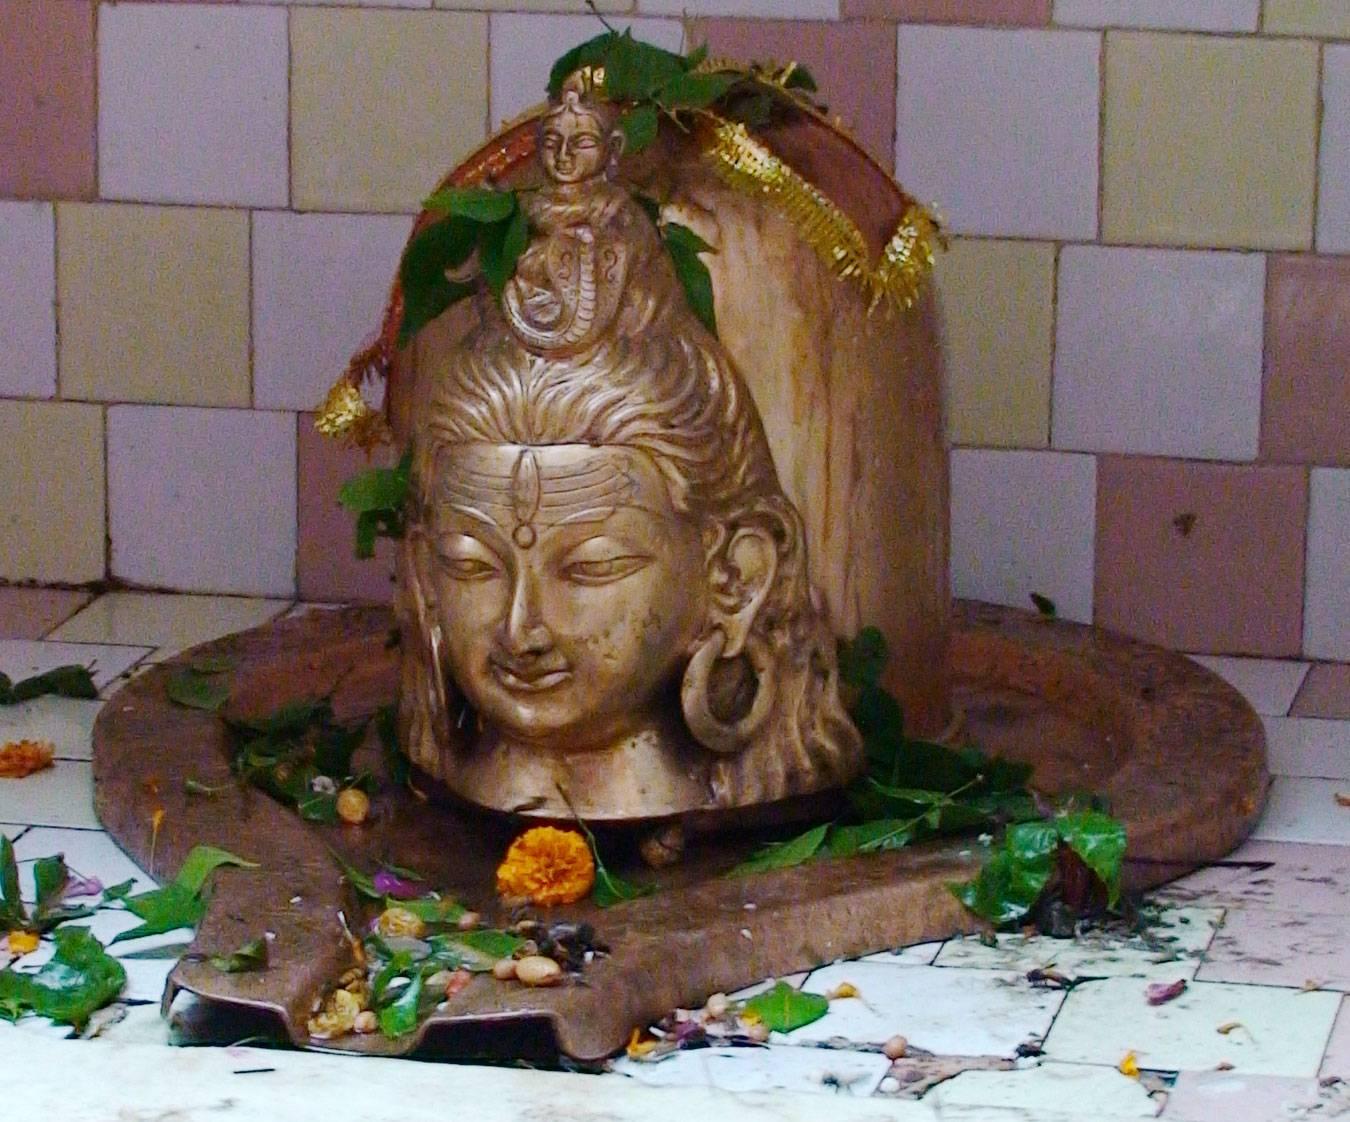 http://1.bp.blogspot.com/_NSGngat267s/TQdzLcF1tdI/AAAAAAAAAGI/oECg3y1Znws/s1600/Shiva-Linga+pictures.jpg